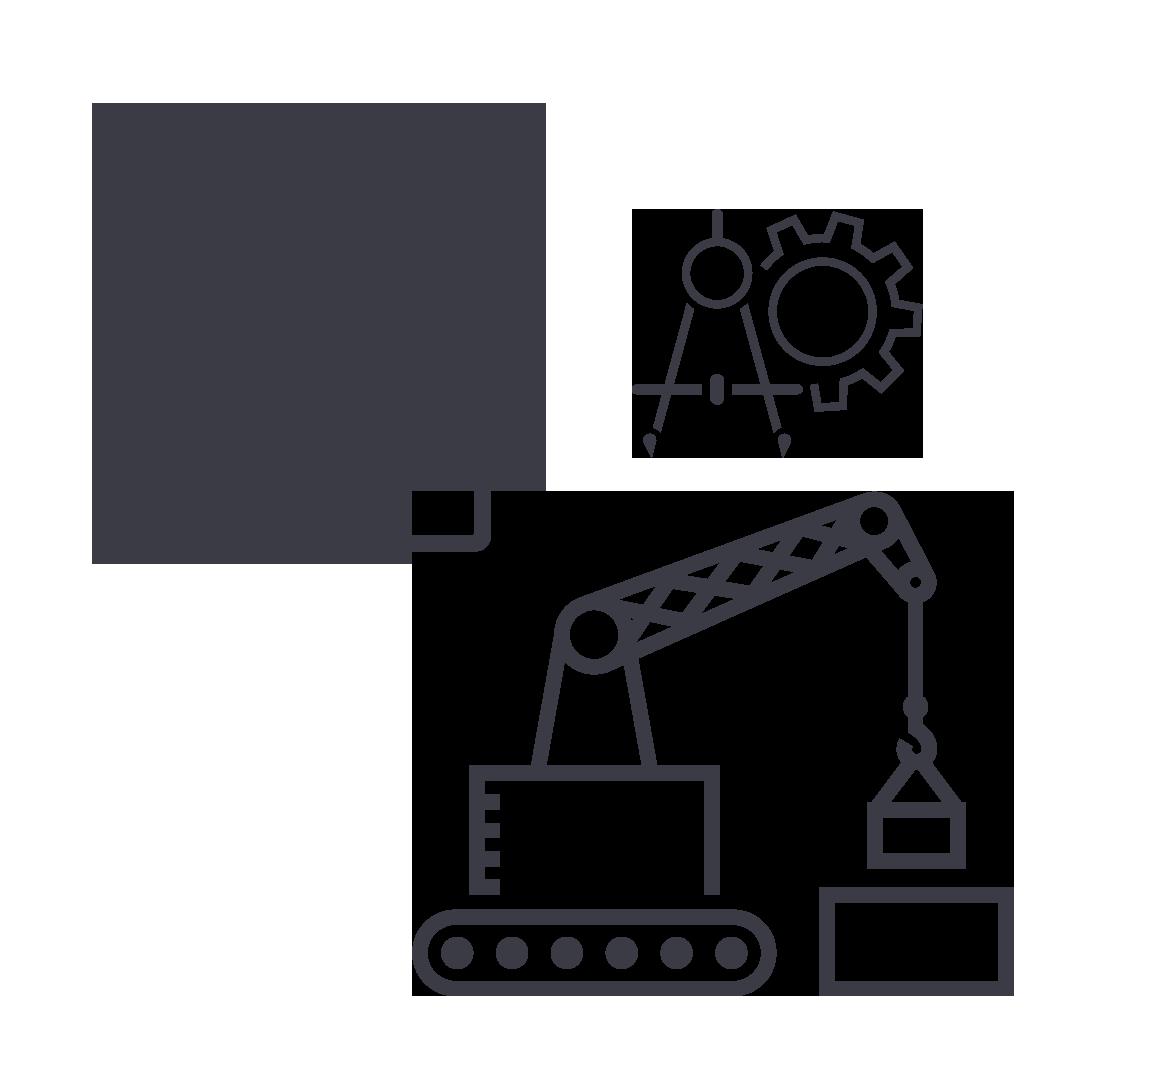 Symbole Haus Bau und Architektur